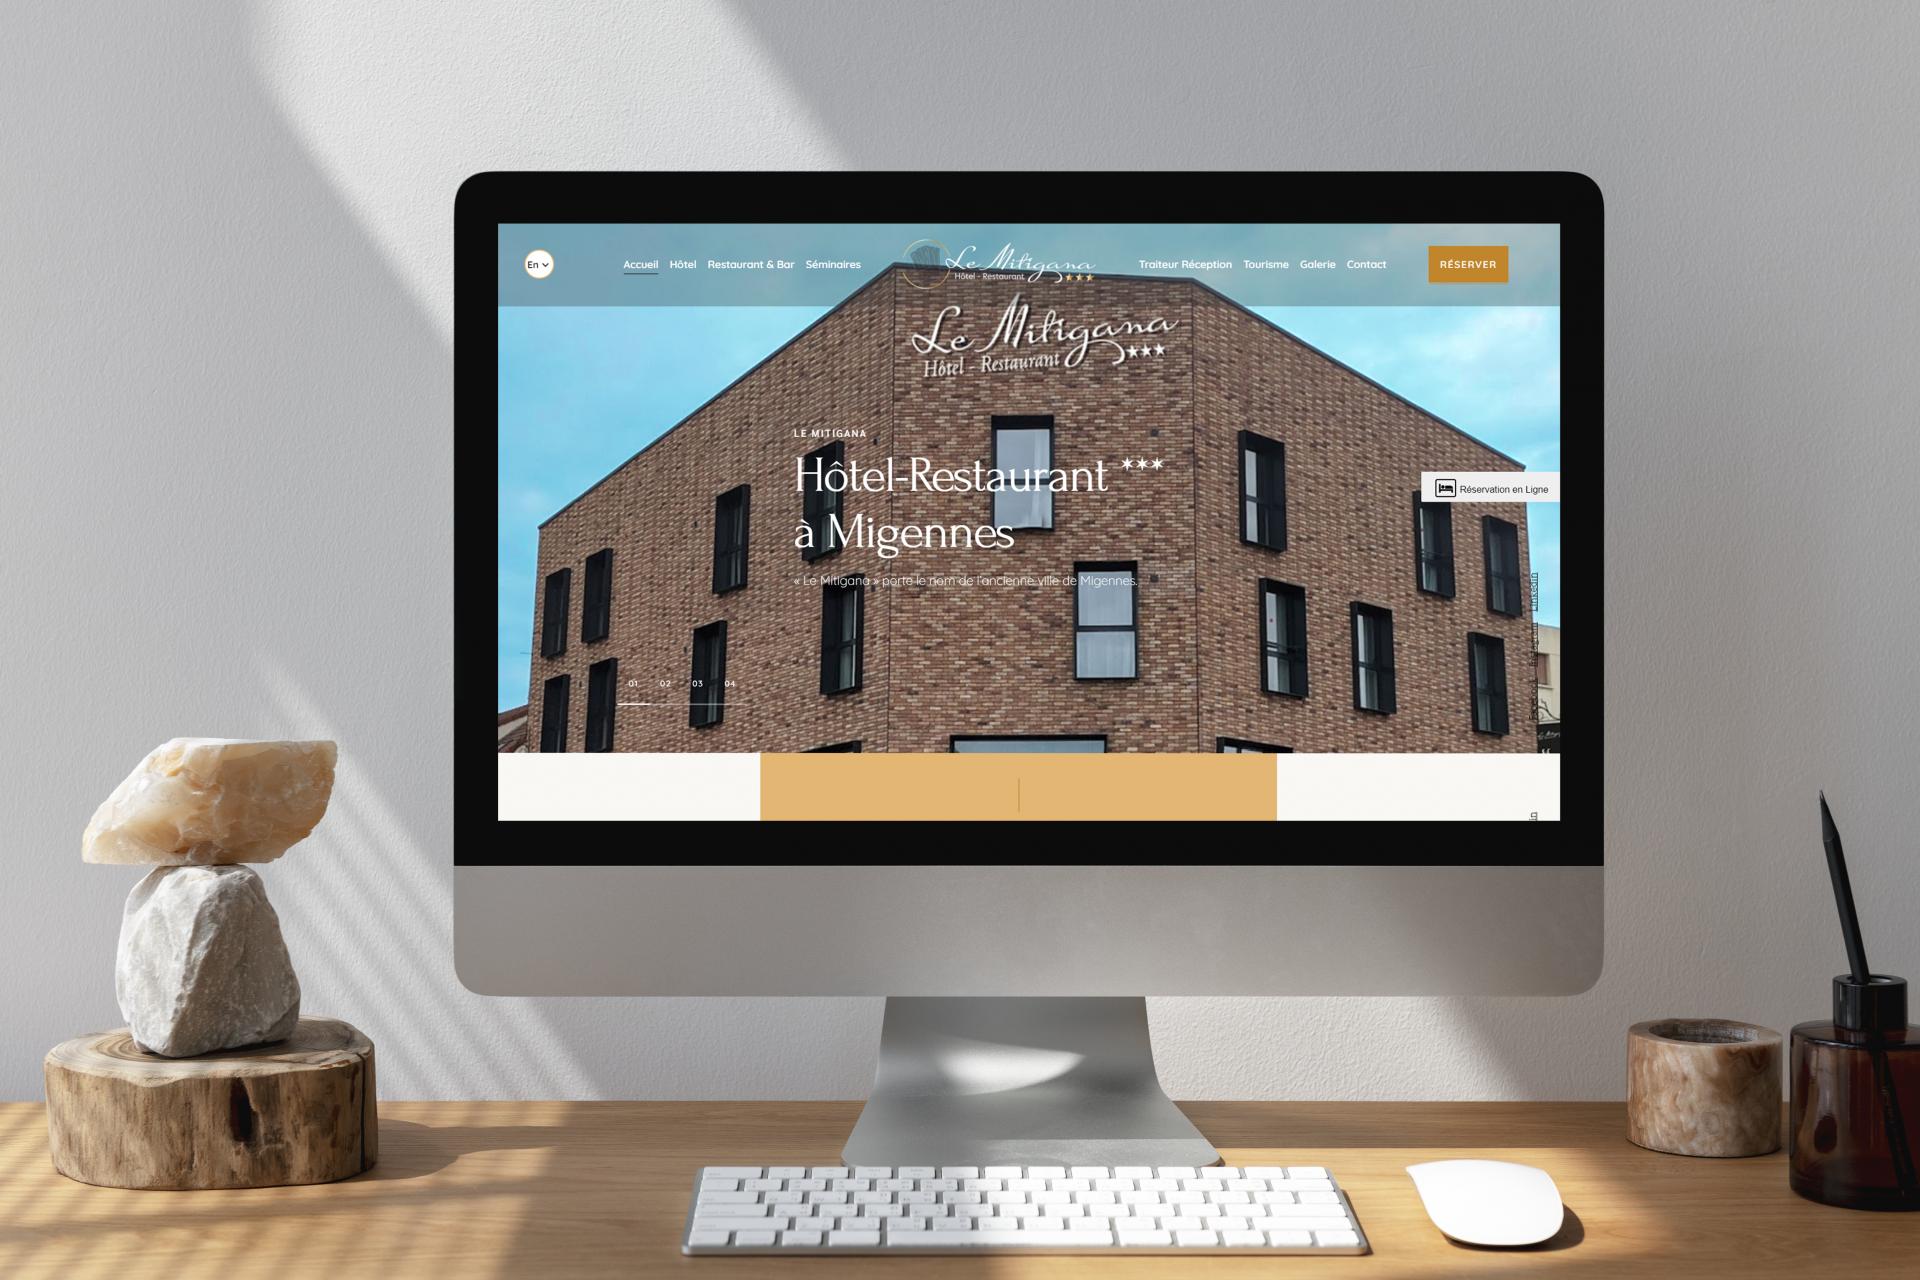 Création du site internet de l'Hôtel Restaurant – Le Mitigana